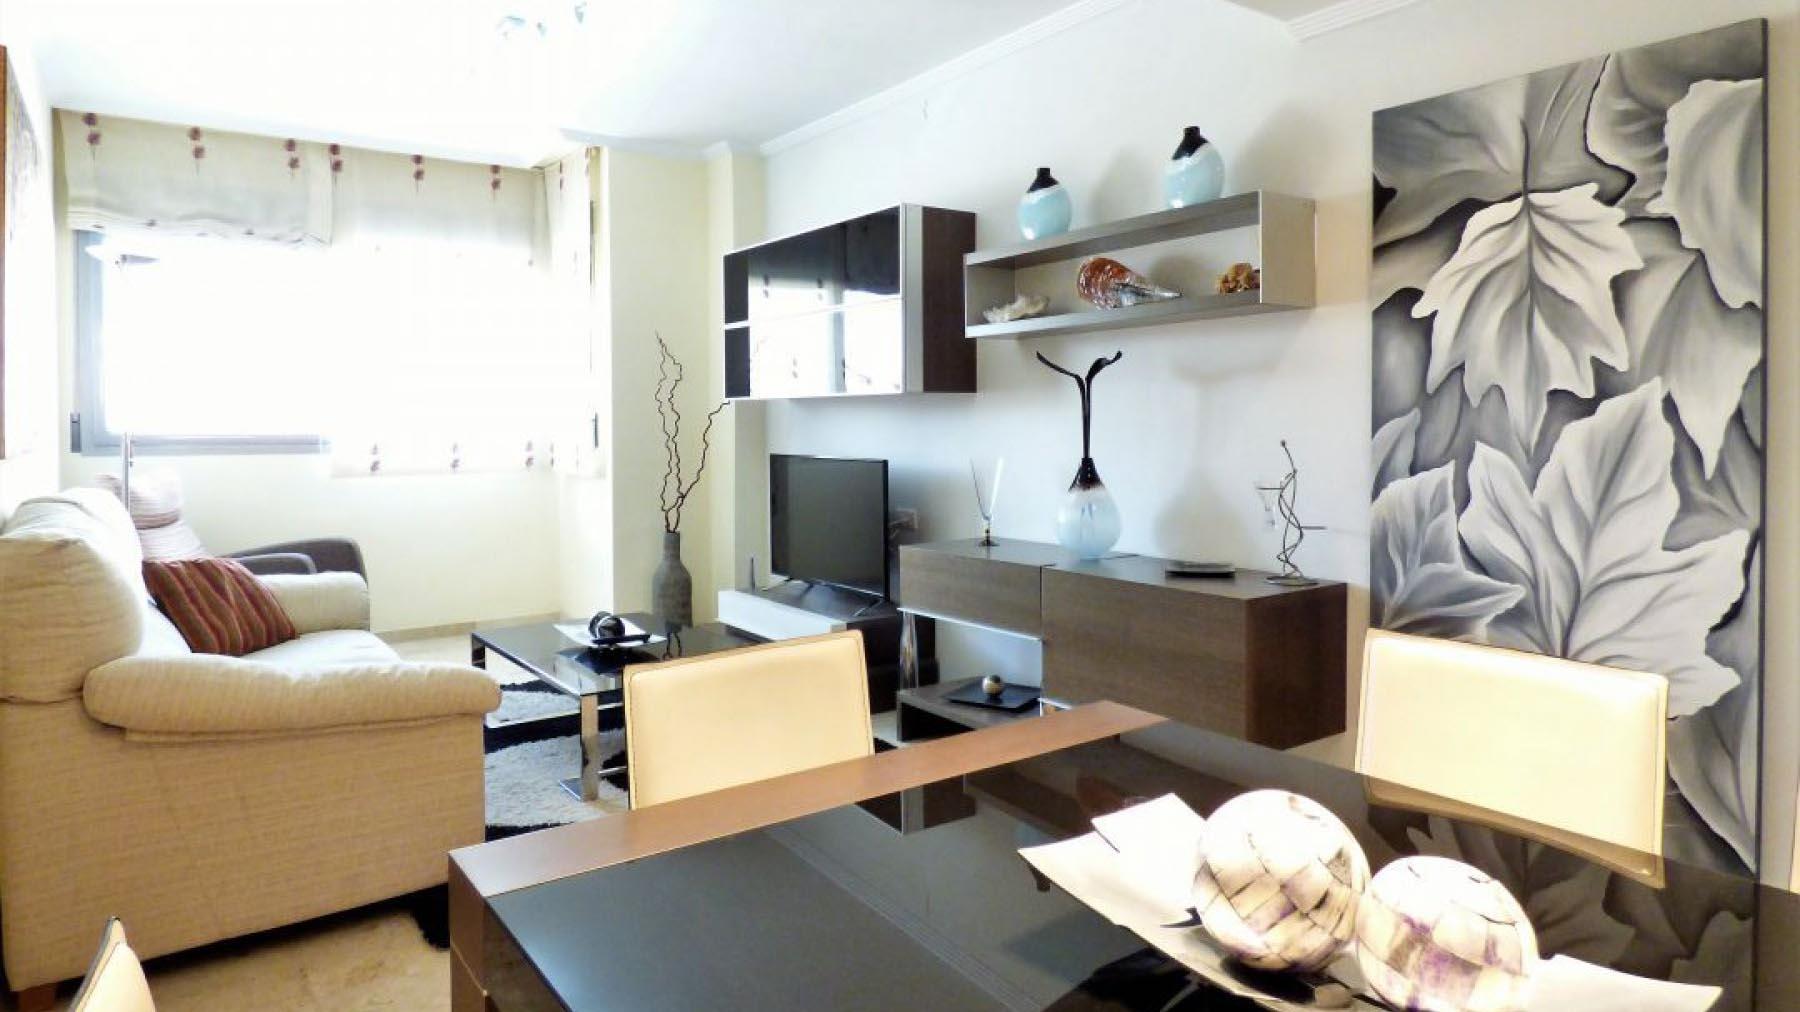 Аренда квартира в Испании в городе Аликанте 3 спальни в центре